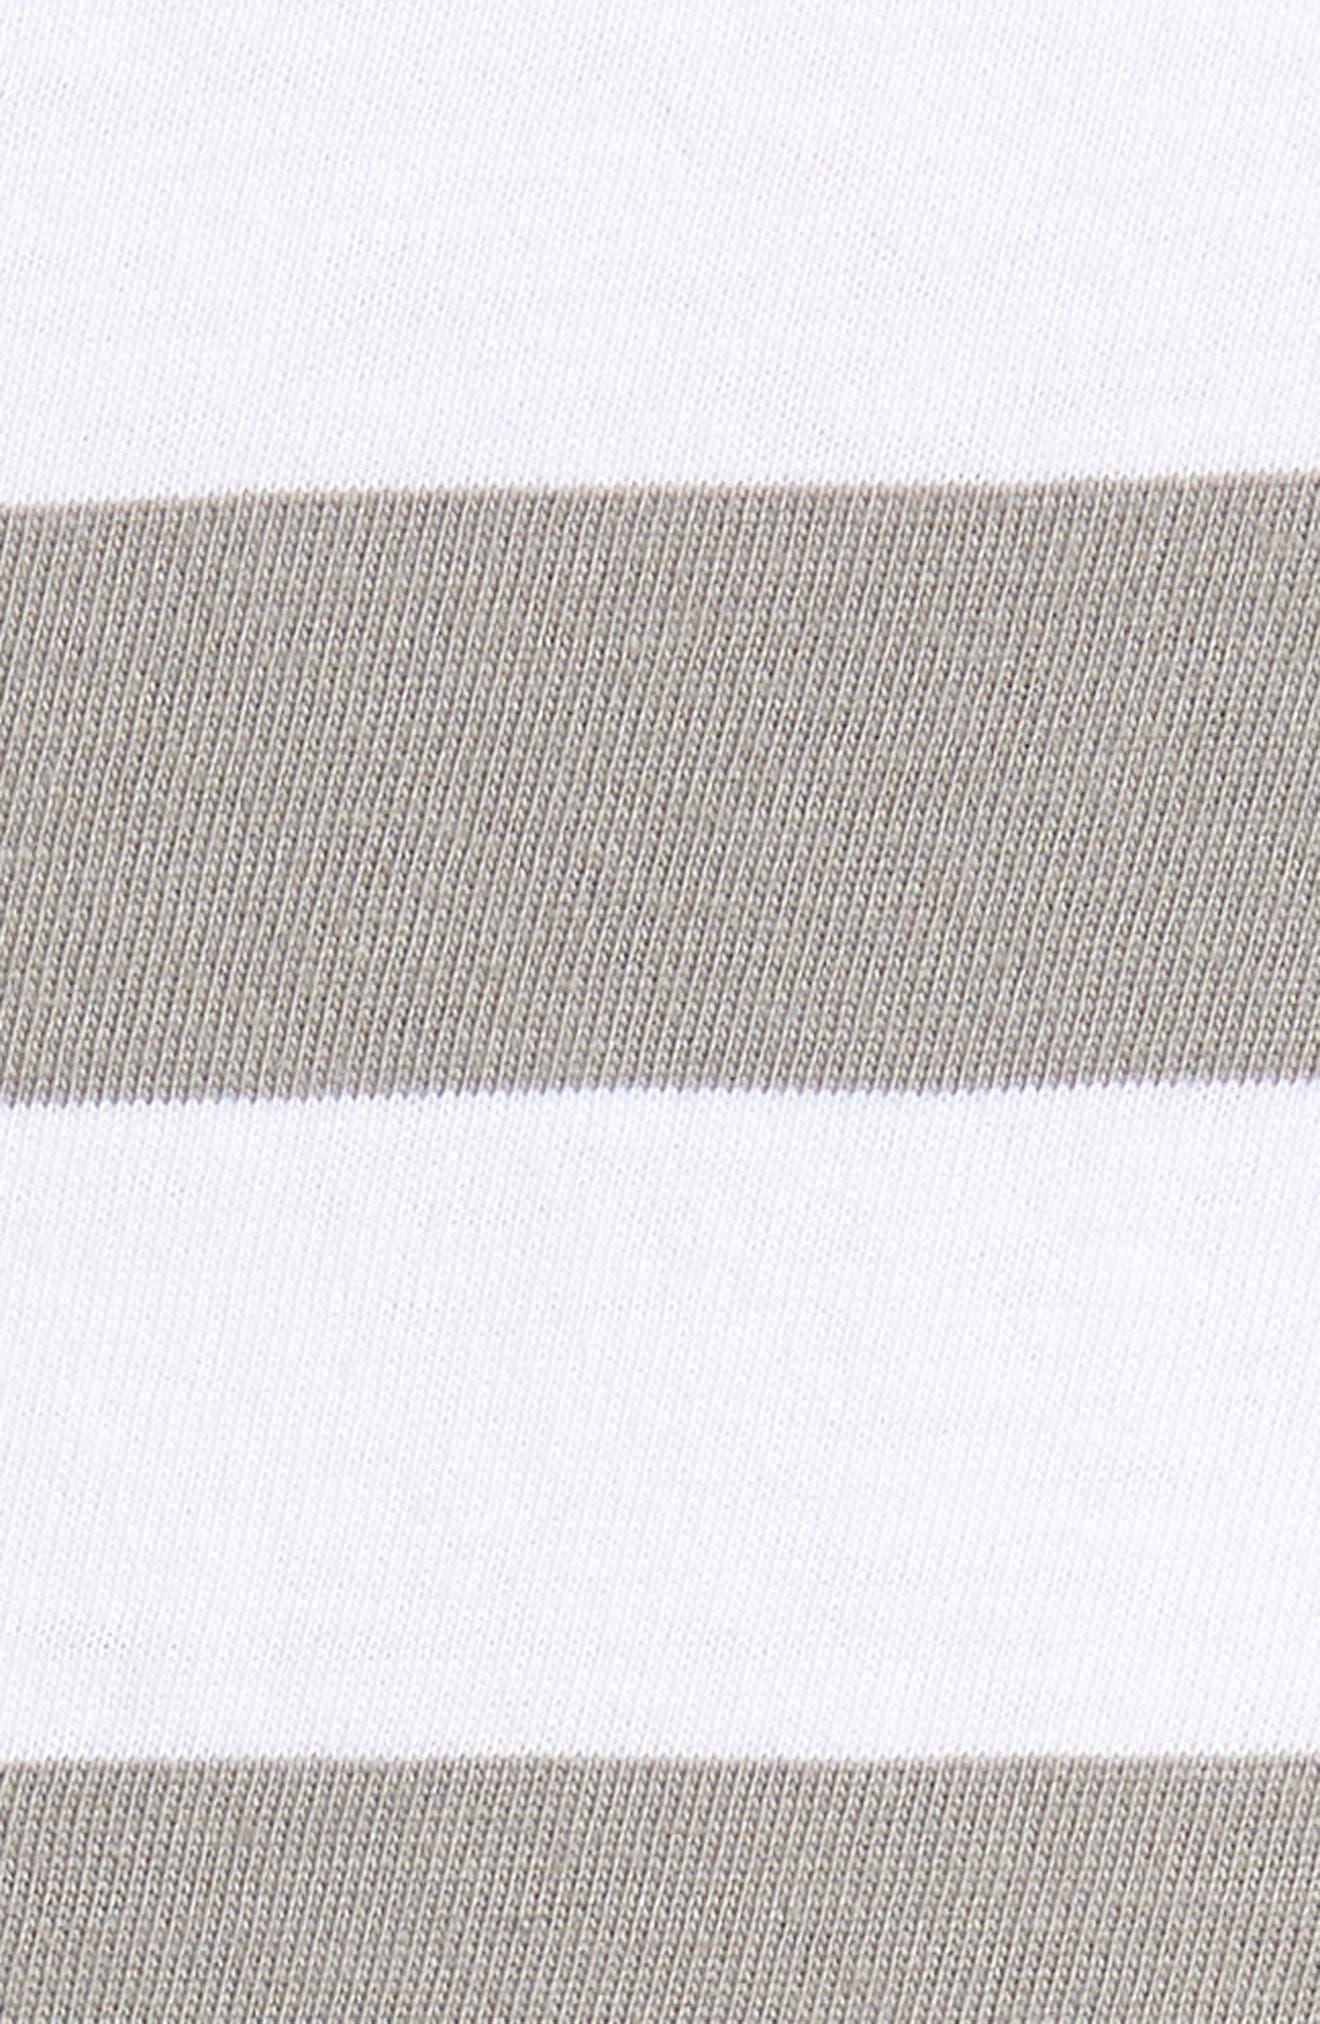 Stripe Reissue T-Shirt,                             Alternate thumbnail 5, color,